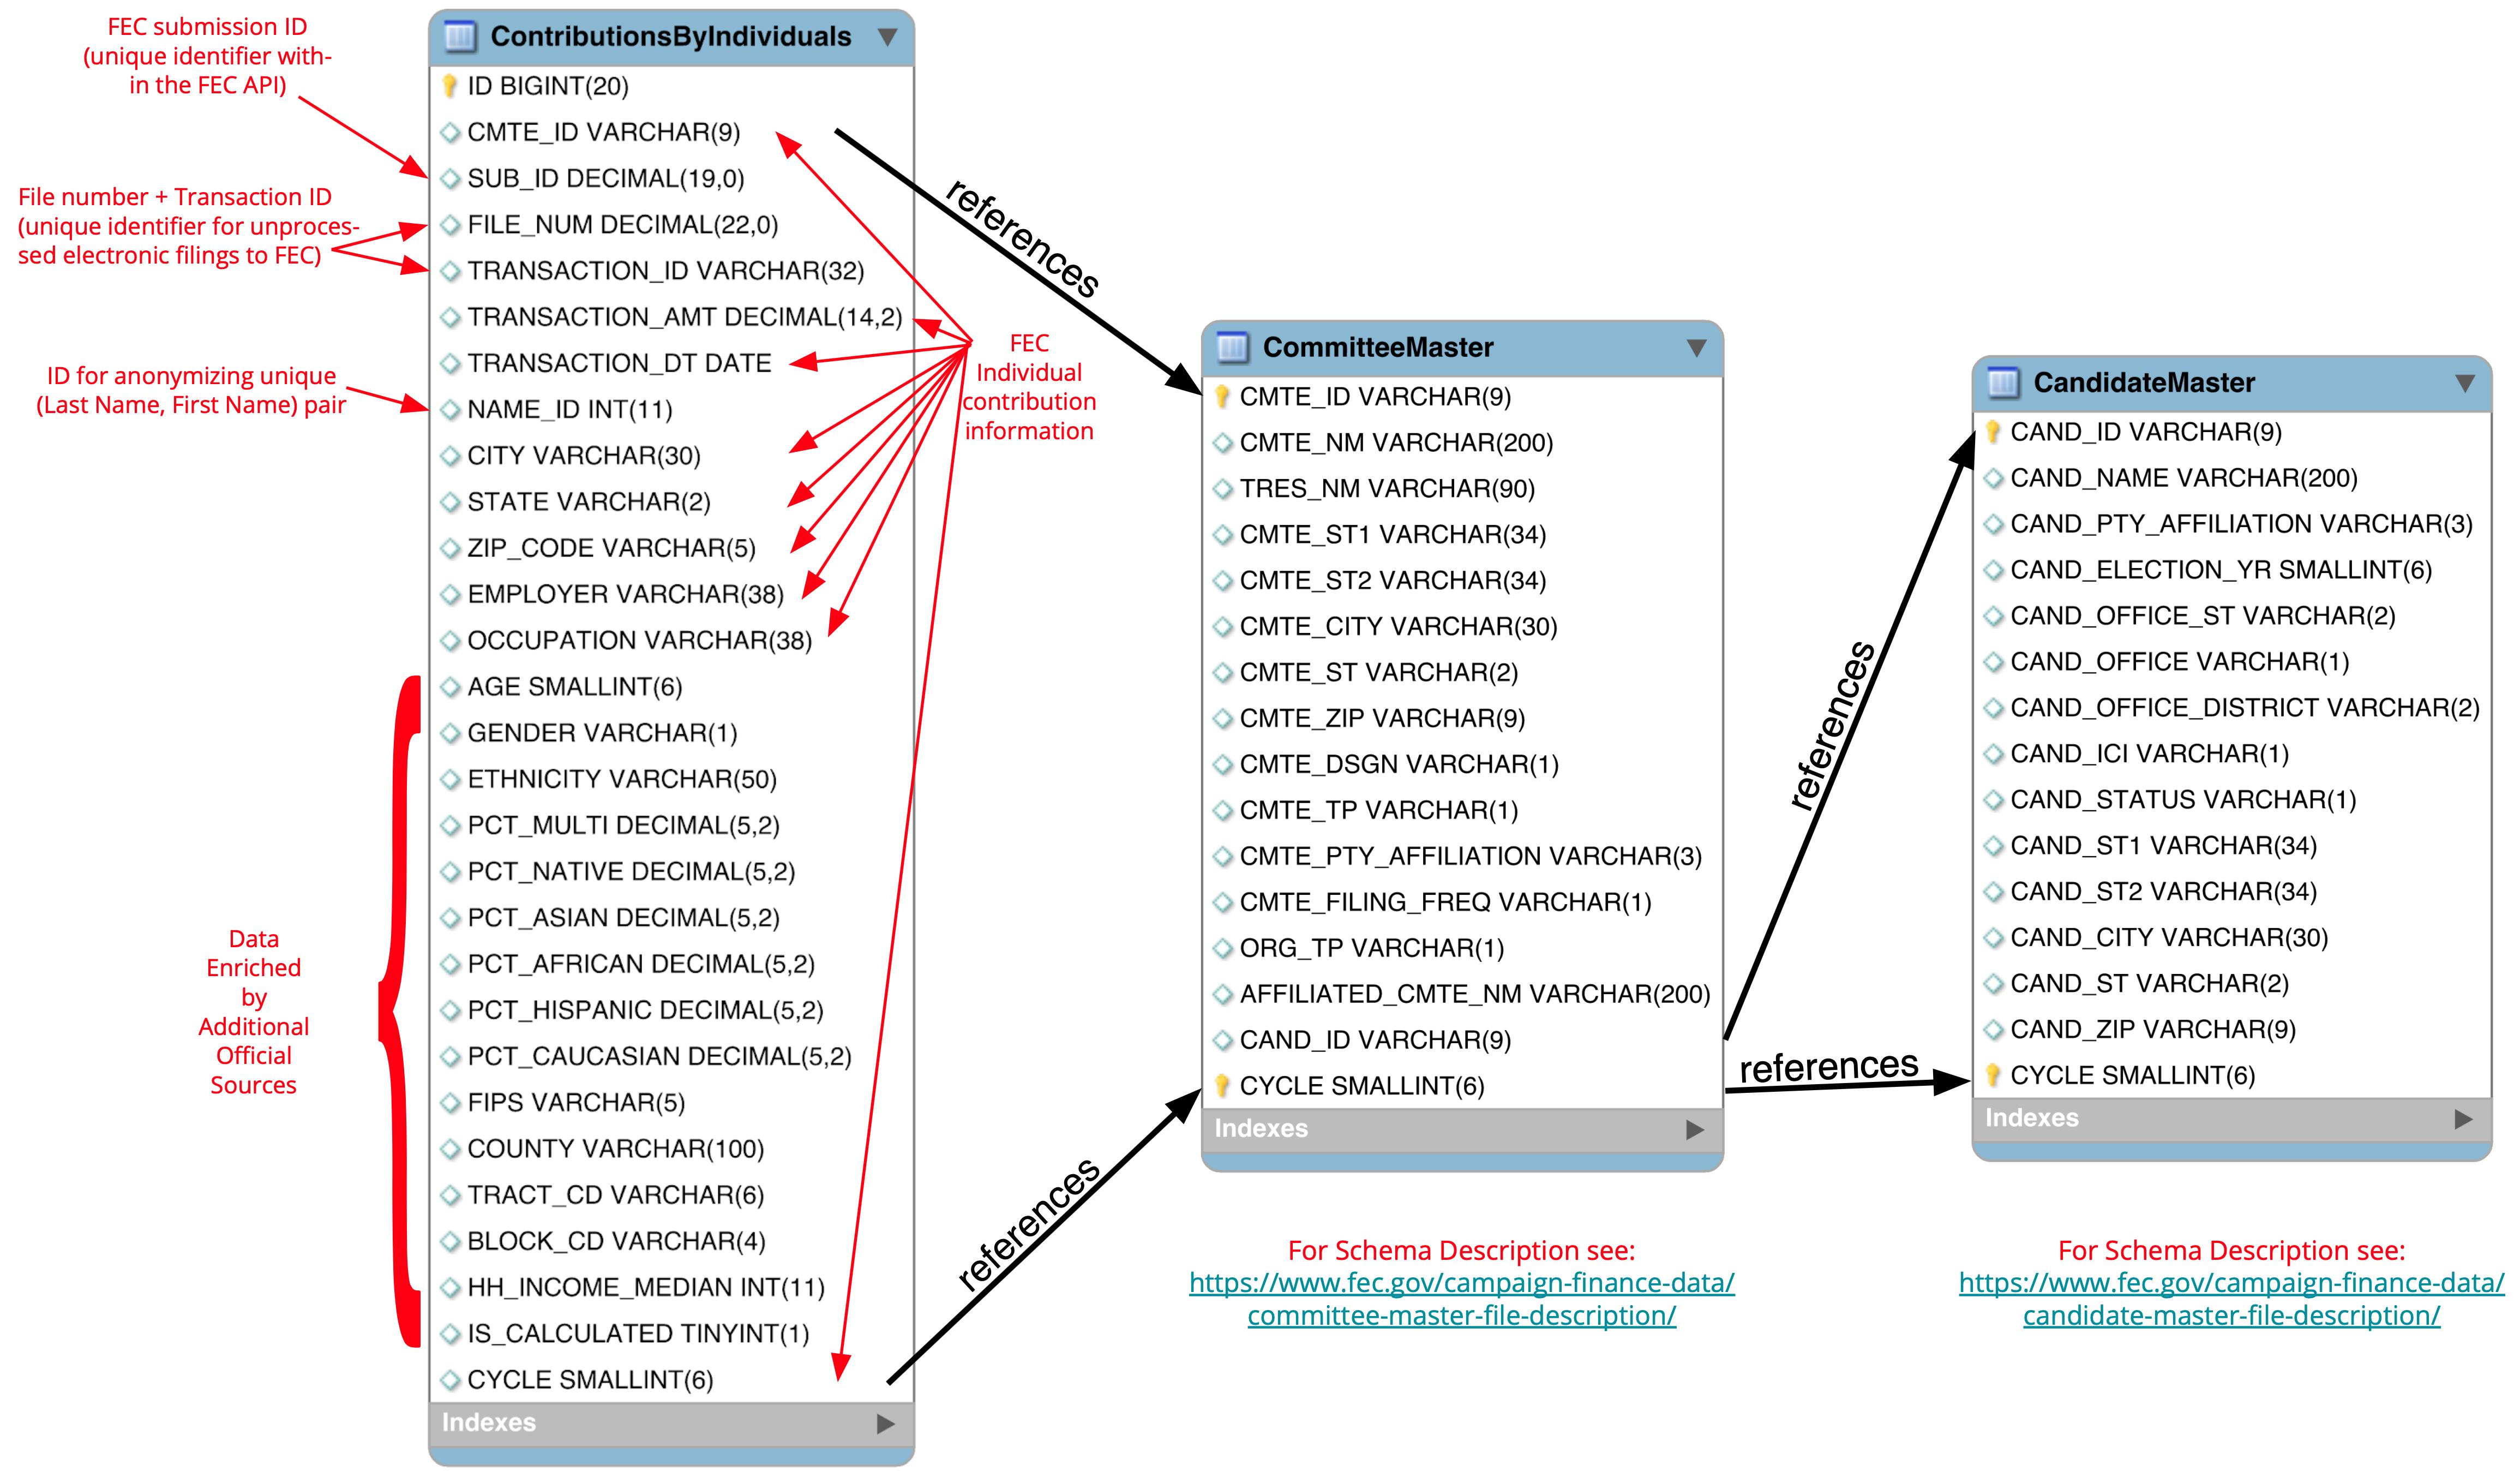 FEC Data: Relational Database Model